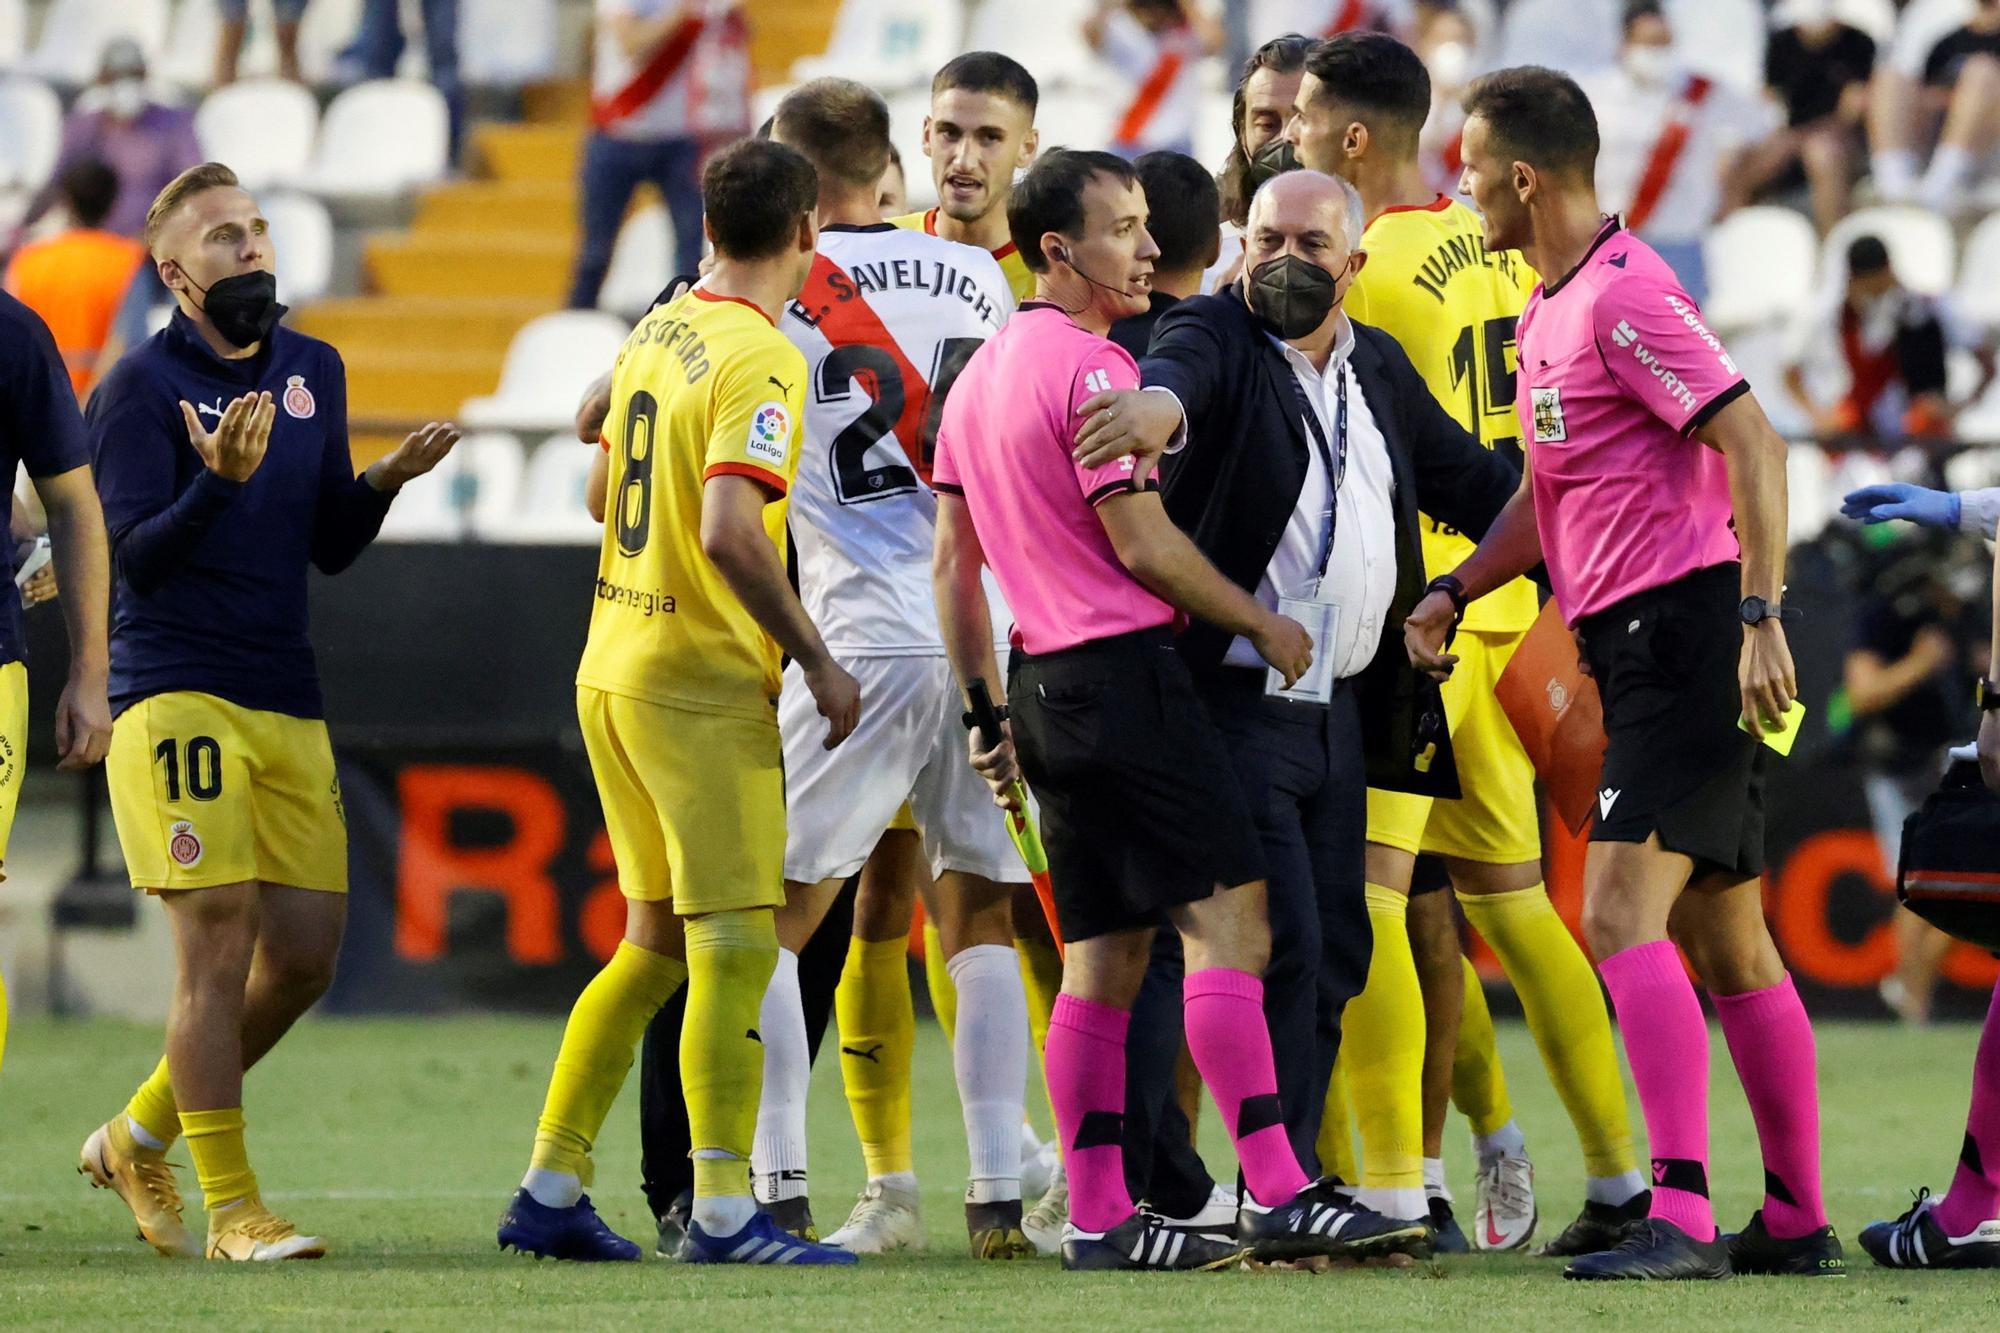 Rayo Vallecano - Girona FC, en imatges